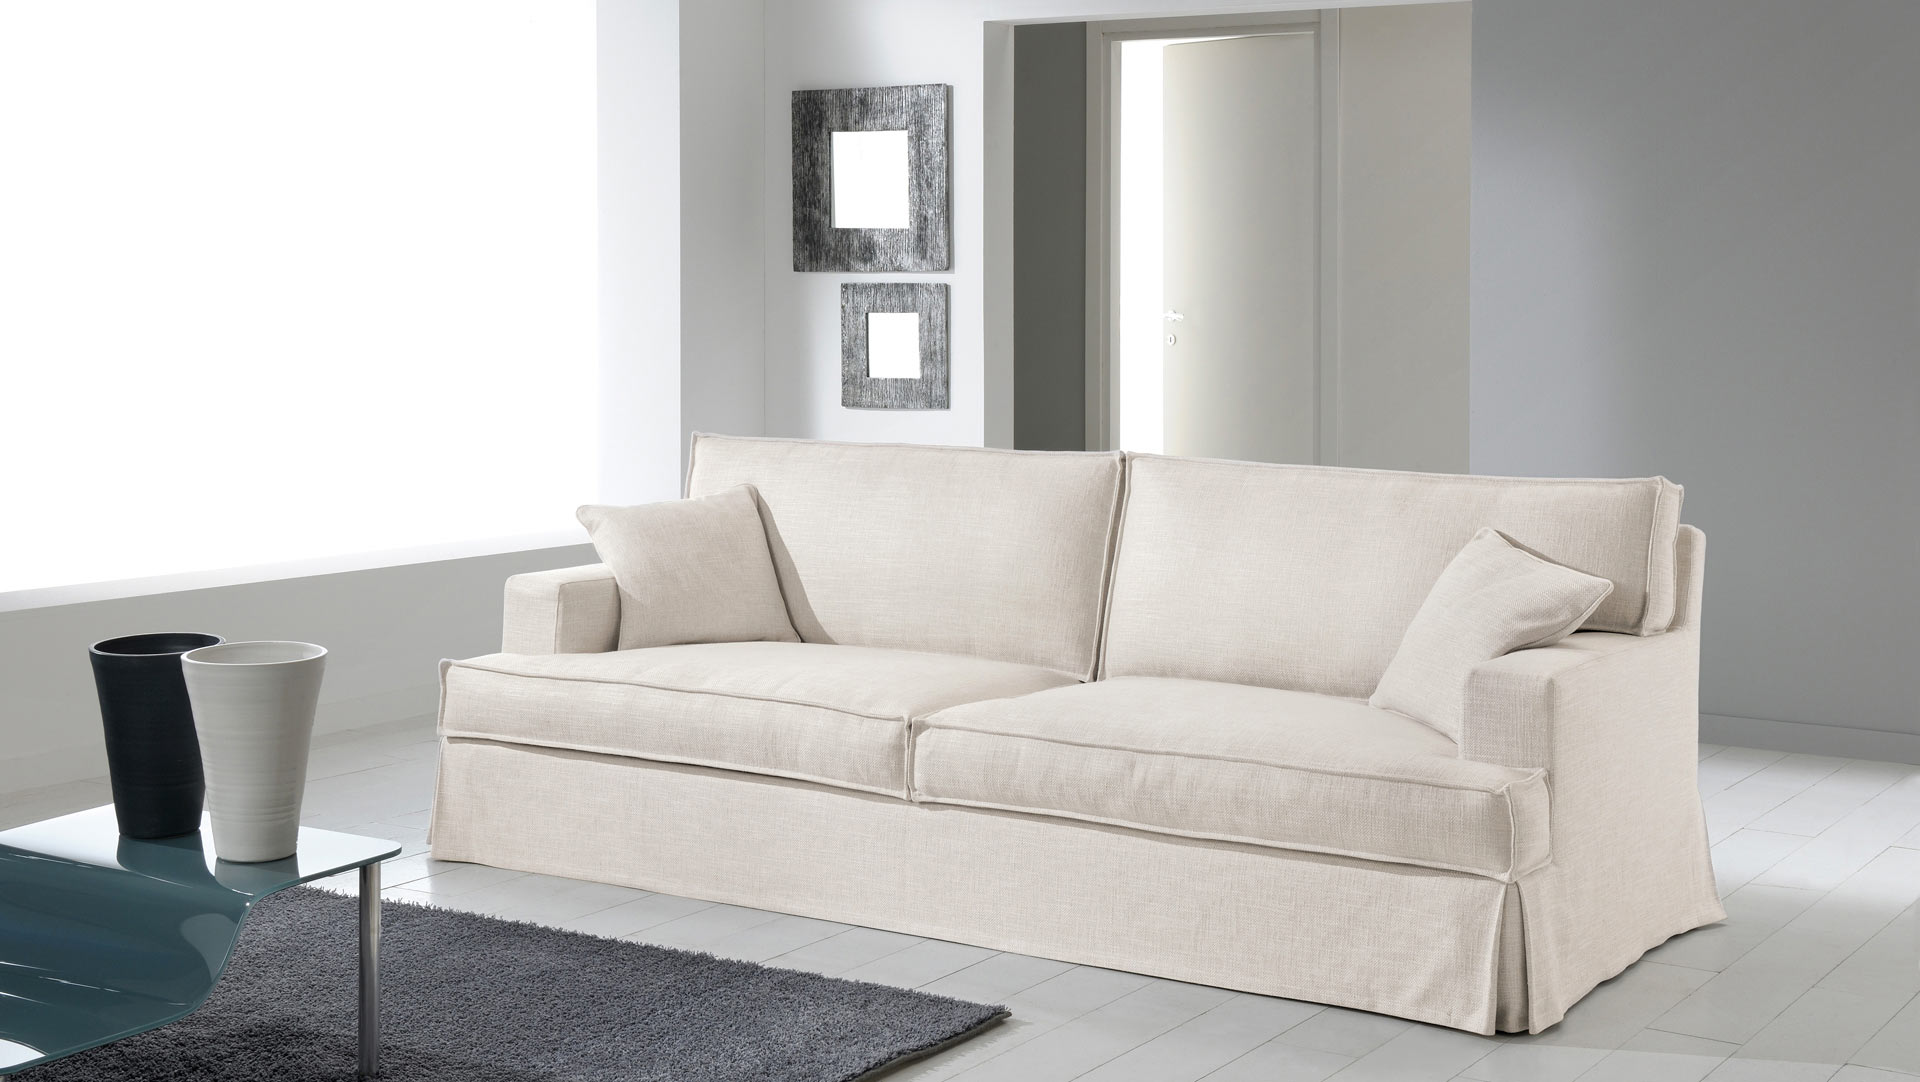 Produzione divani milano  Produzione artigianale divani a